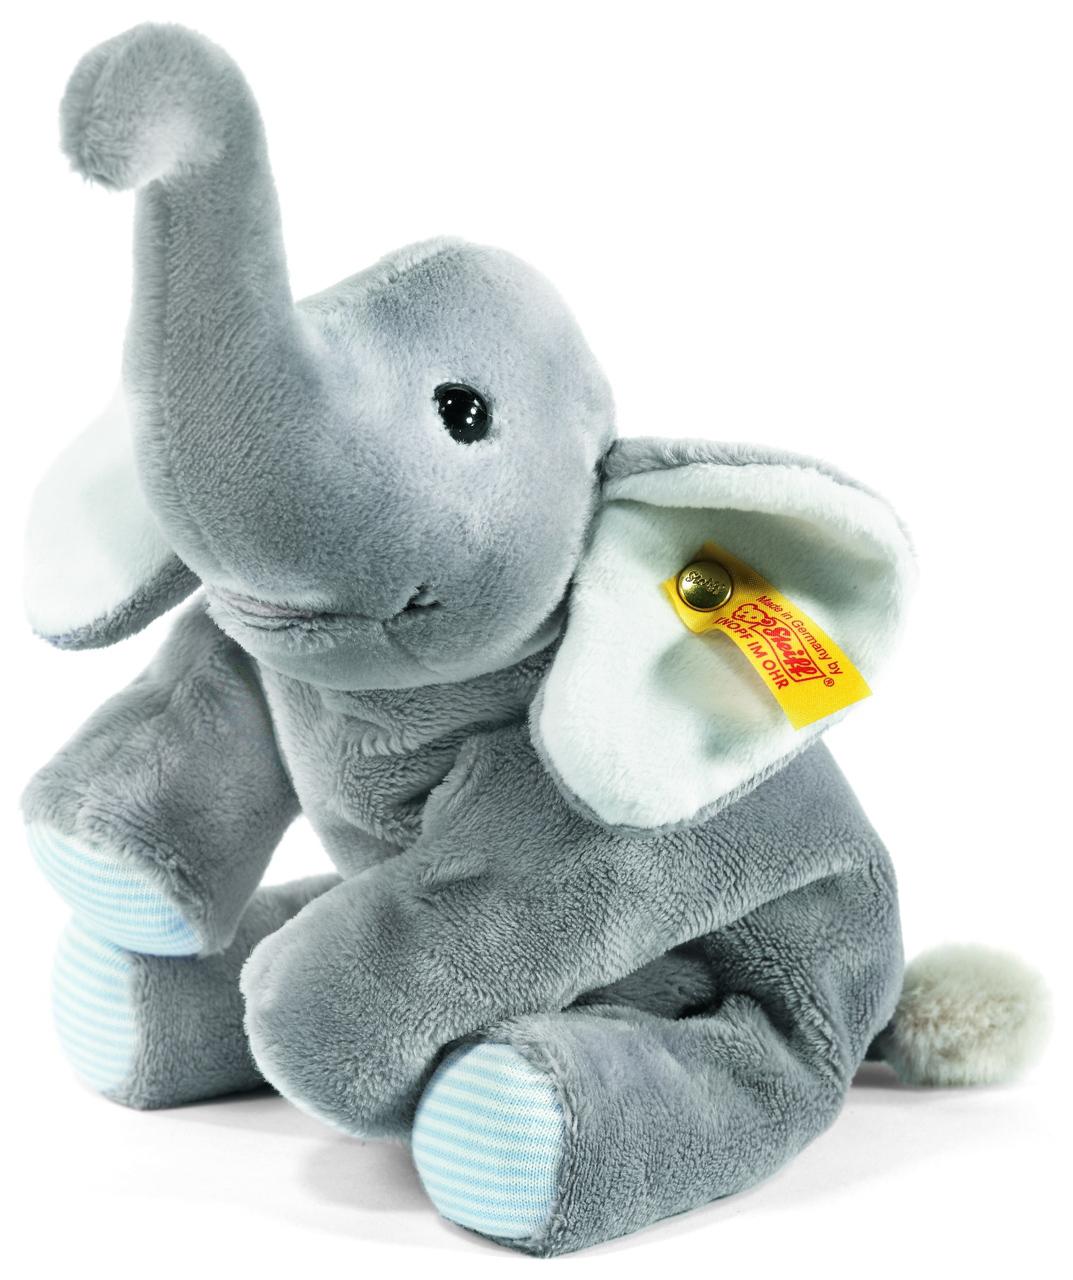 Trampili Elefant, 16cm - Steiff